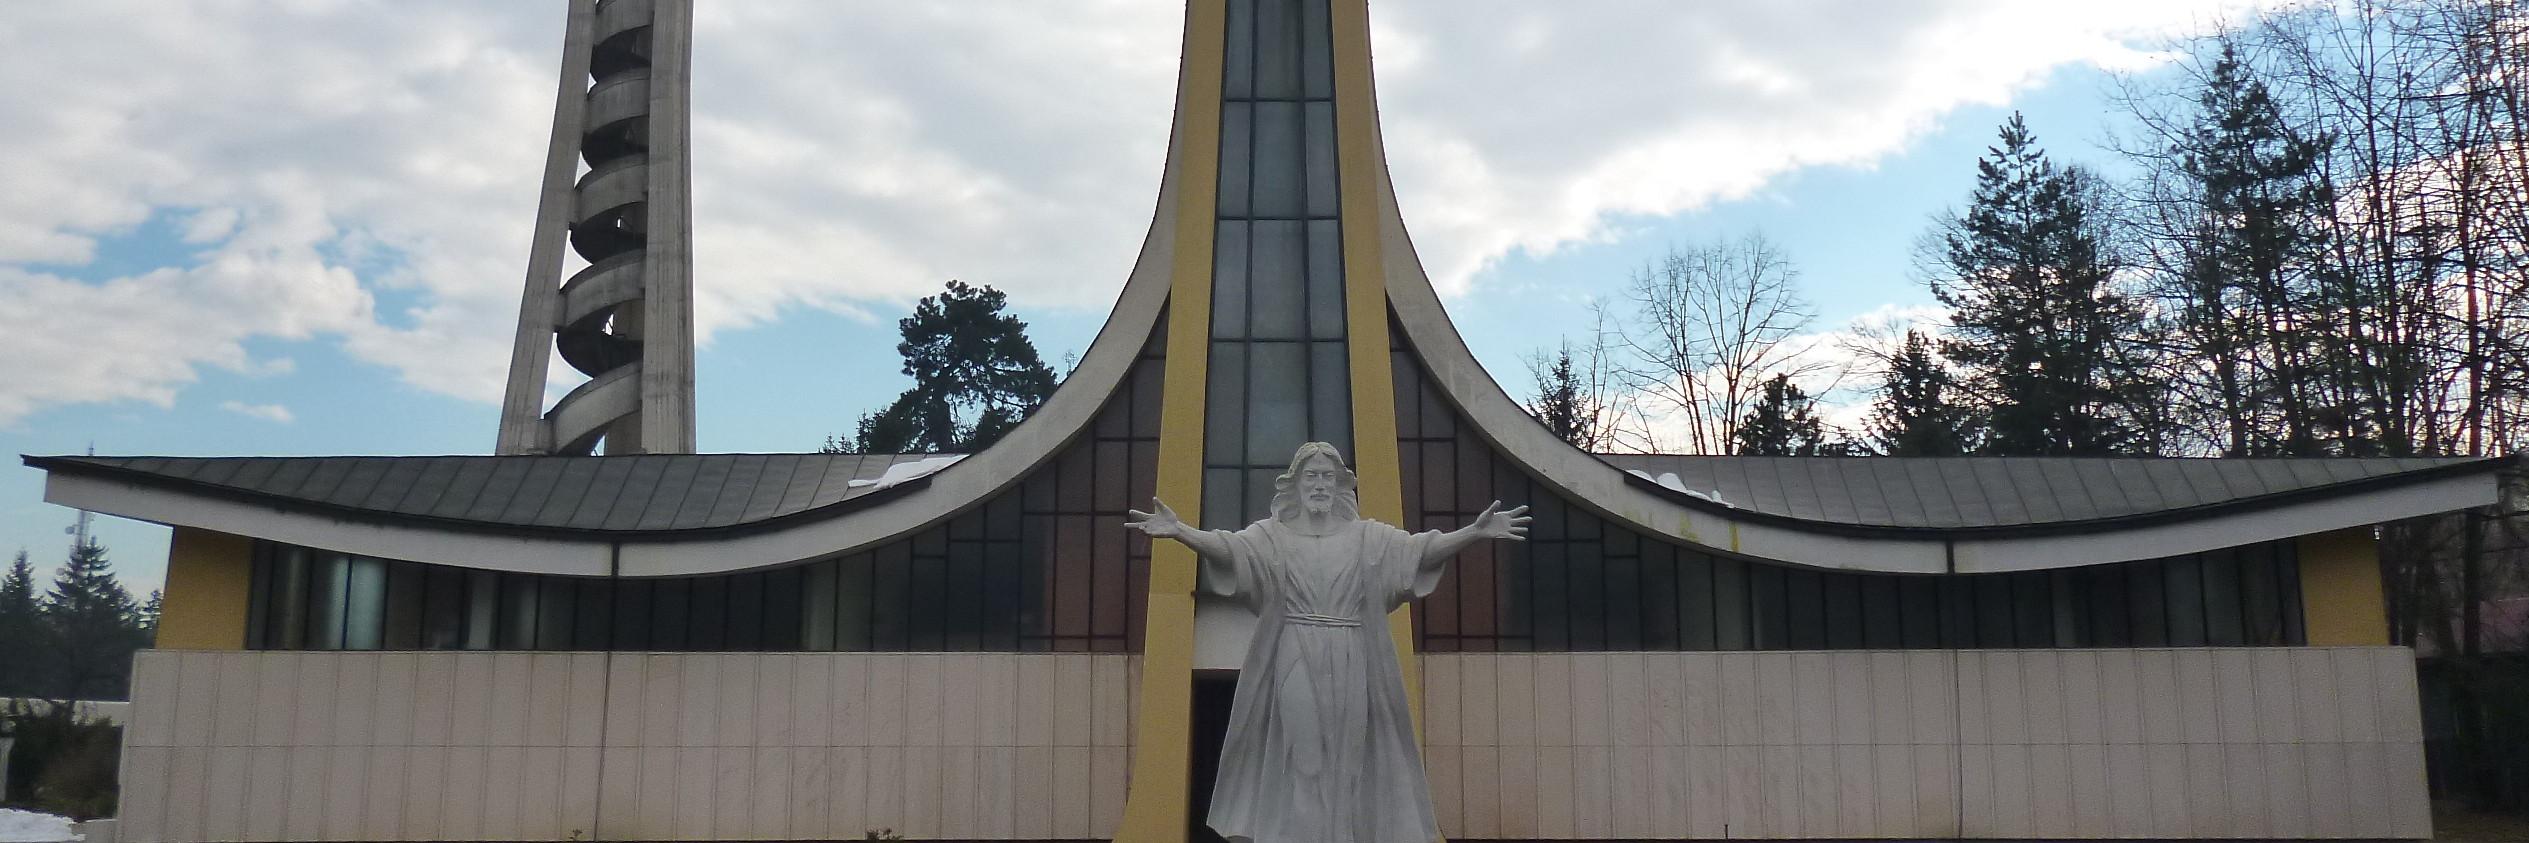 Собор Св. Бонавентуры в Баня Луке